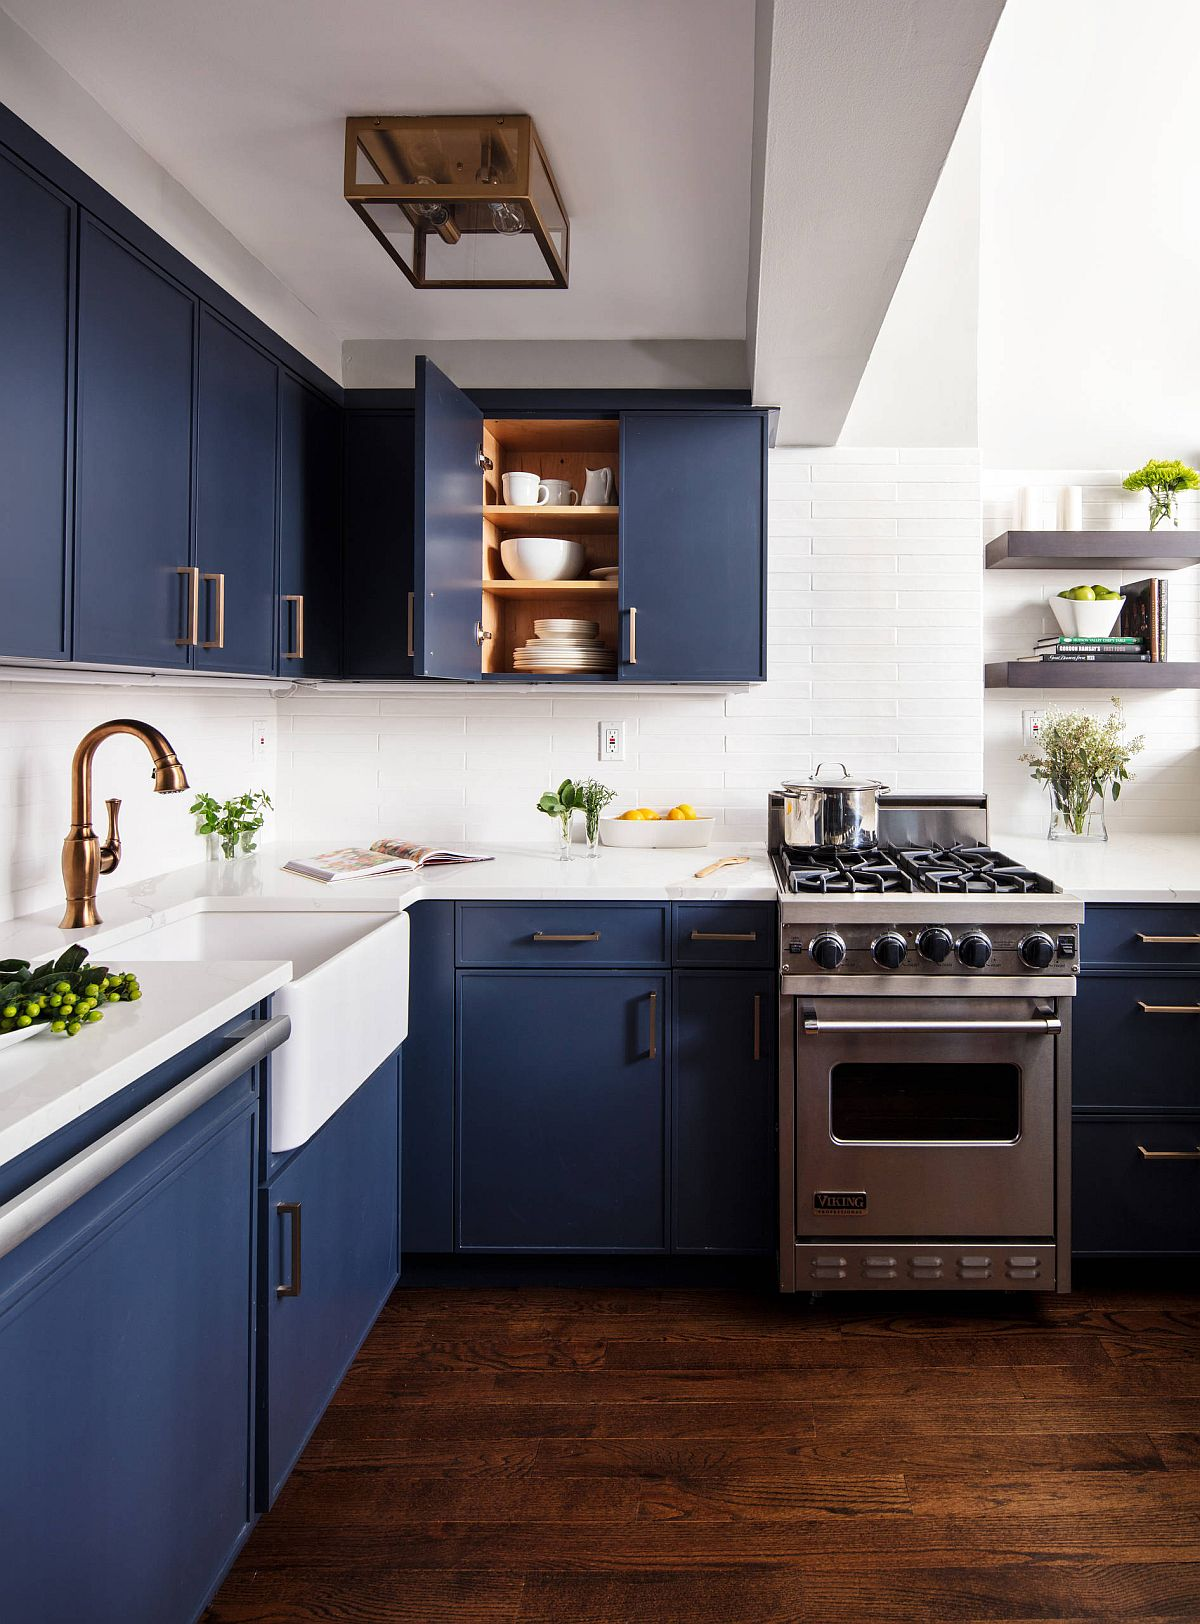 Những căn bếp nhỏ được thiết kế sáng tạo vừa đẹp vừa tiện dụng nhờ các giải pháp không ai ngờ tới - Ảnh 6.